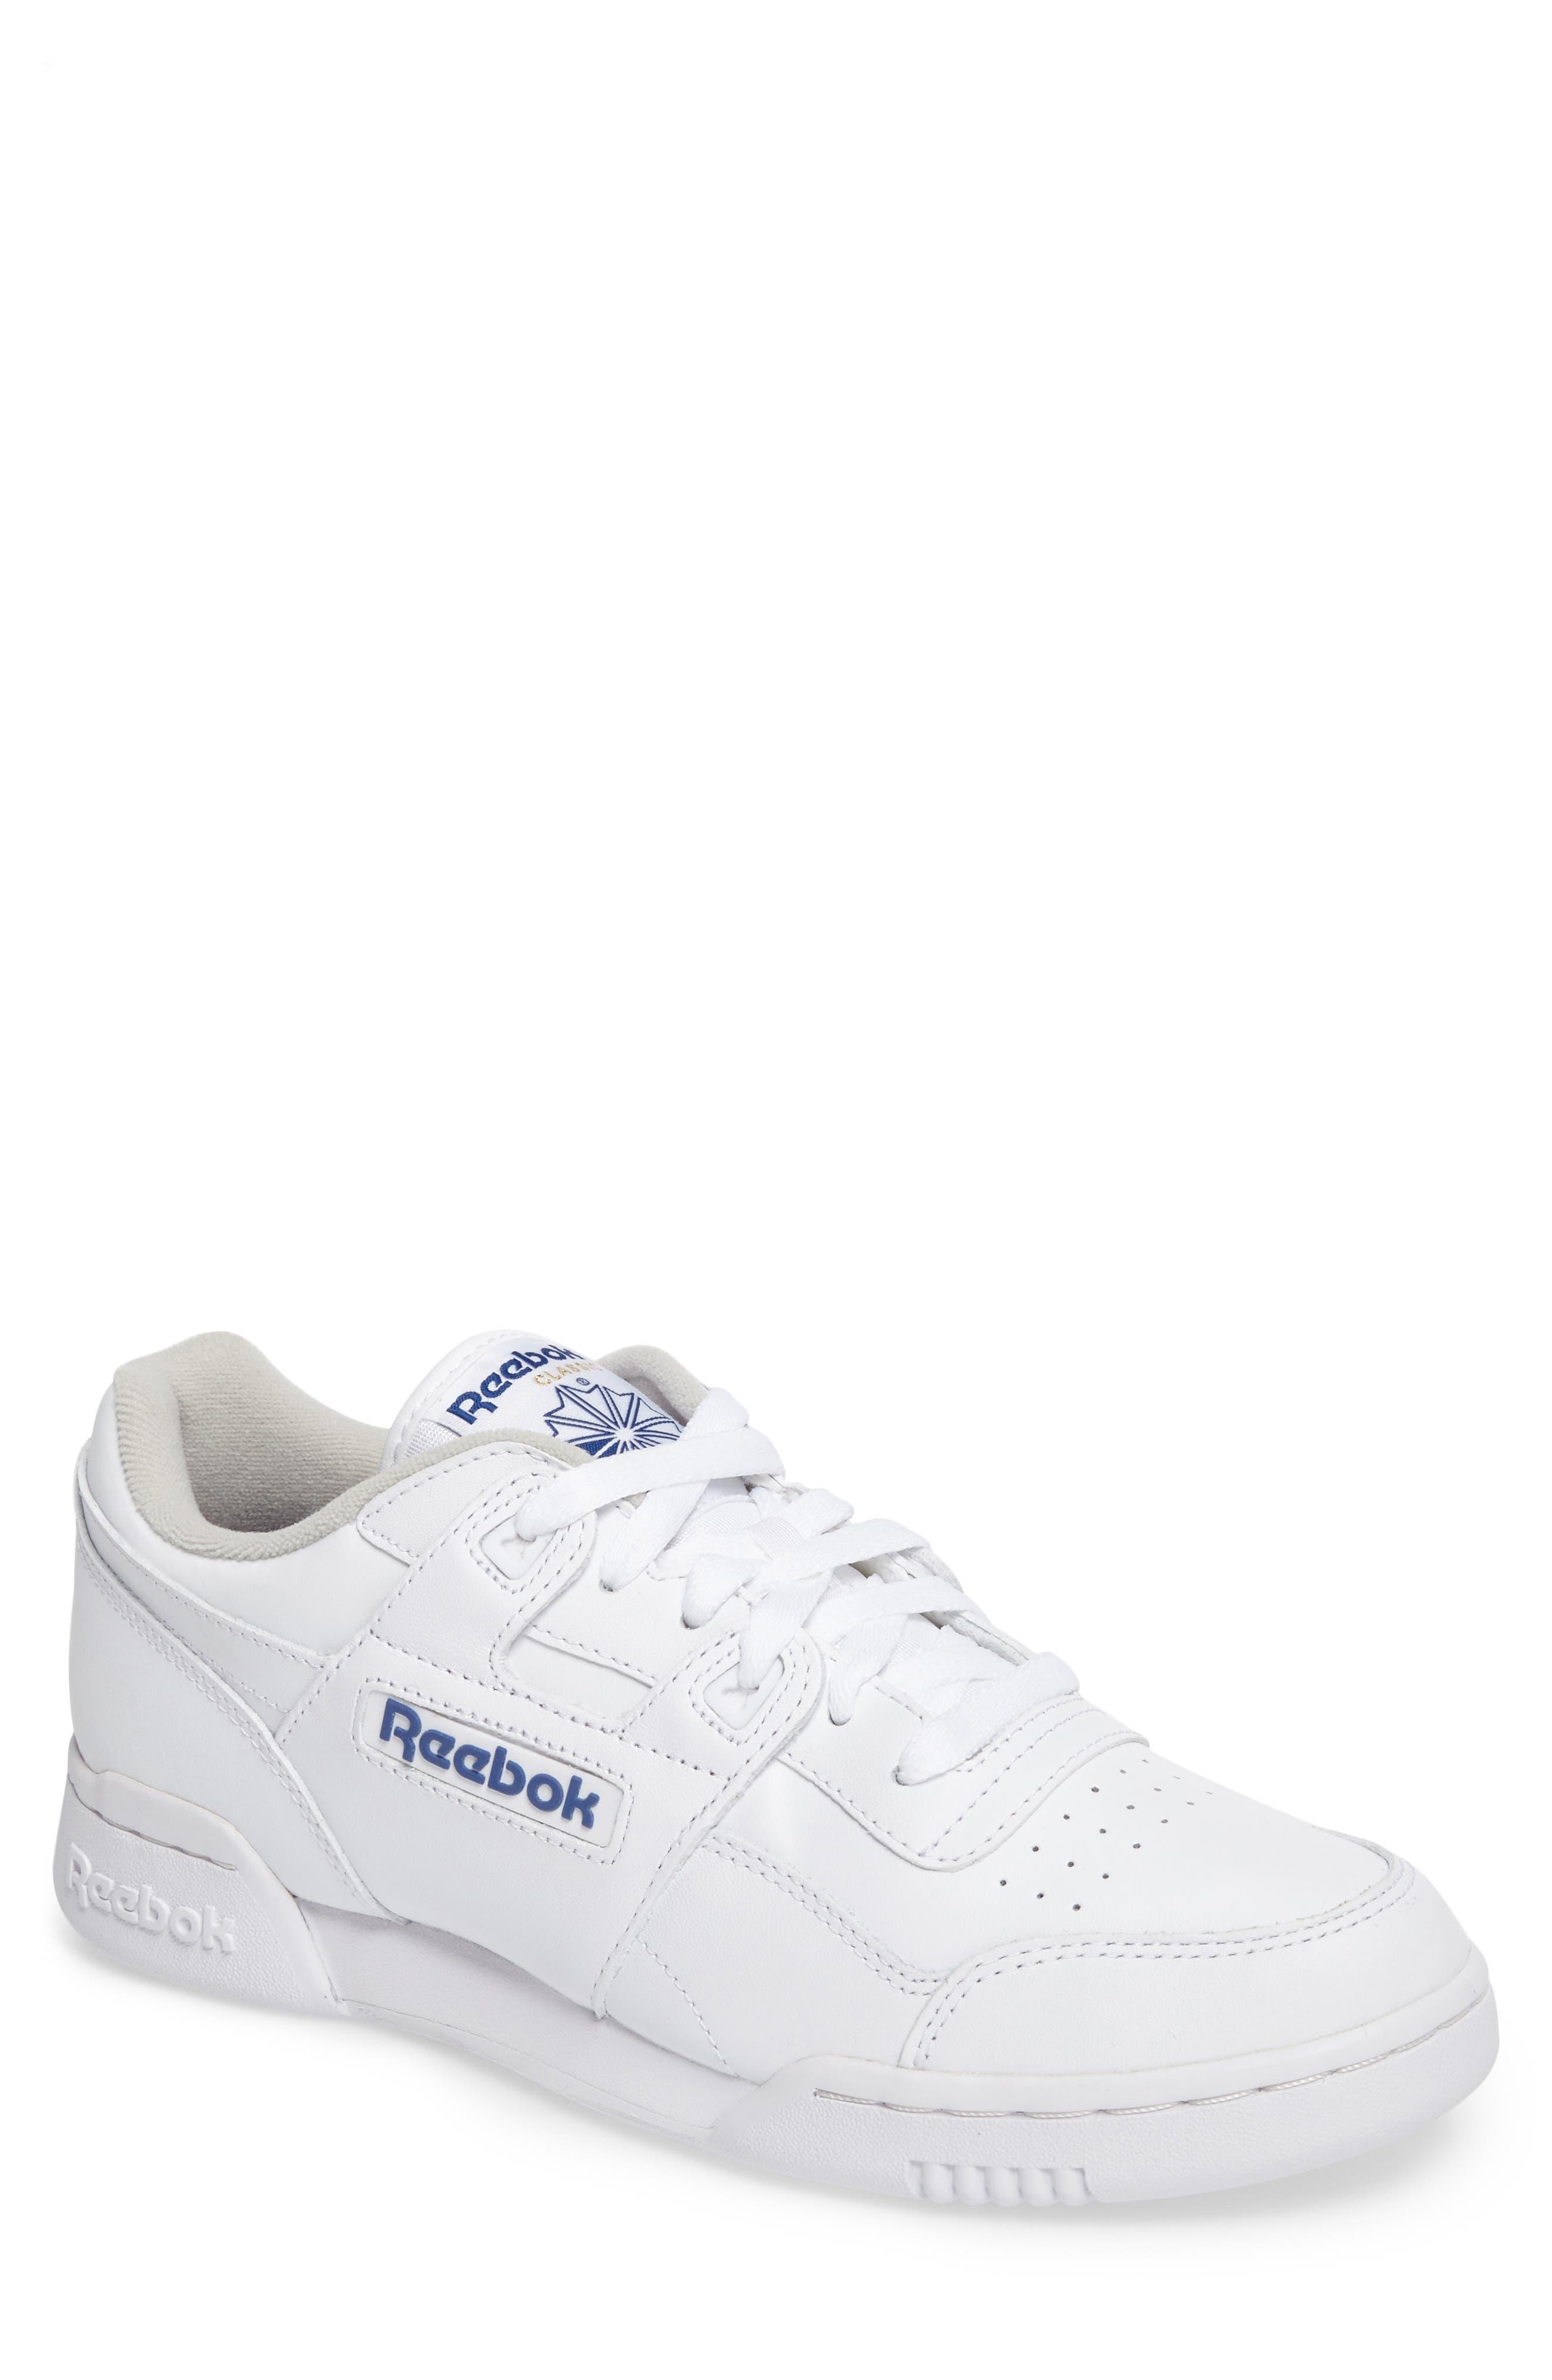 Workout Plus Sneaker,                             Main thumbnail 1, color,                             WHITE/ ROYAL